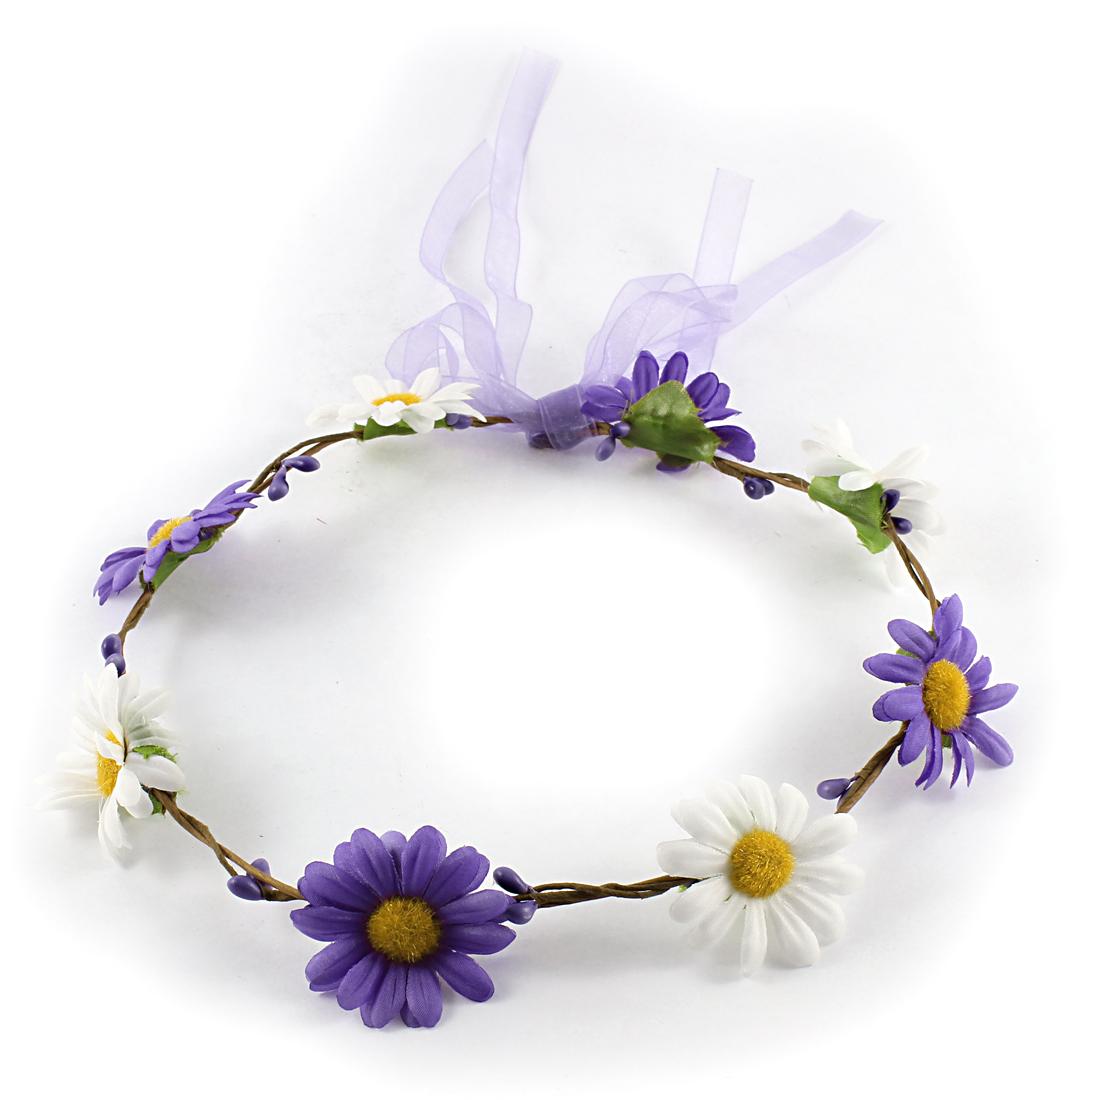 Lady Flower Headpiece Ribbon Floral Garland Bridal Head Wreath